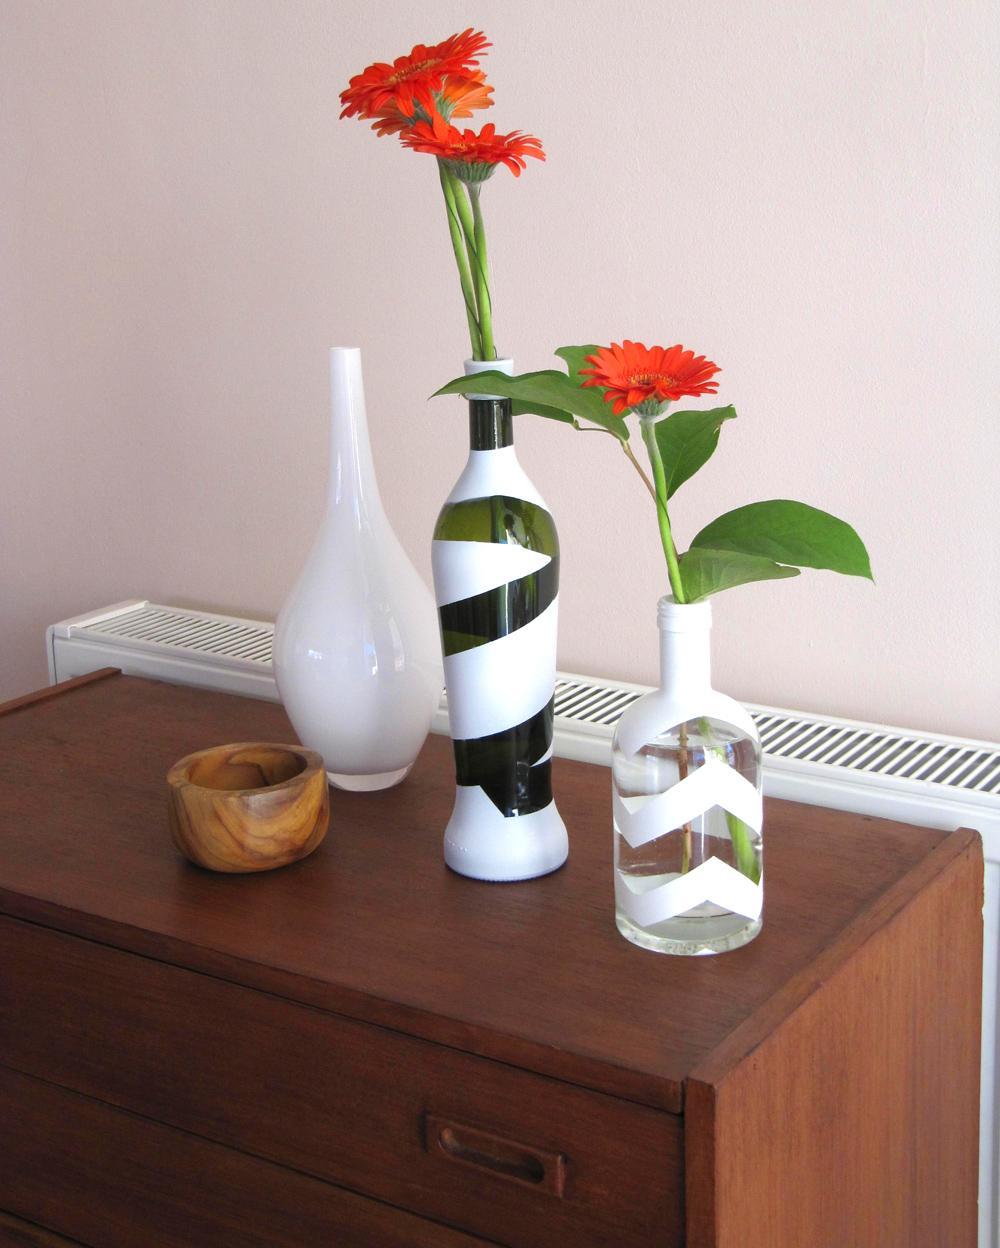 dekorative flaschenvasen selbermachen teil 2 diy tutorial. Black Bedroom Furniture Sets. Home Design Ideas